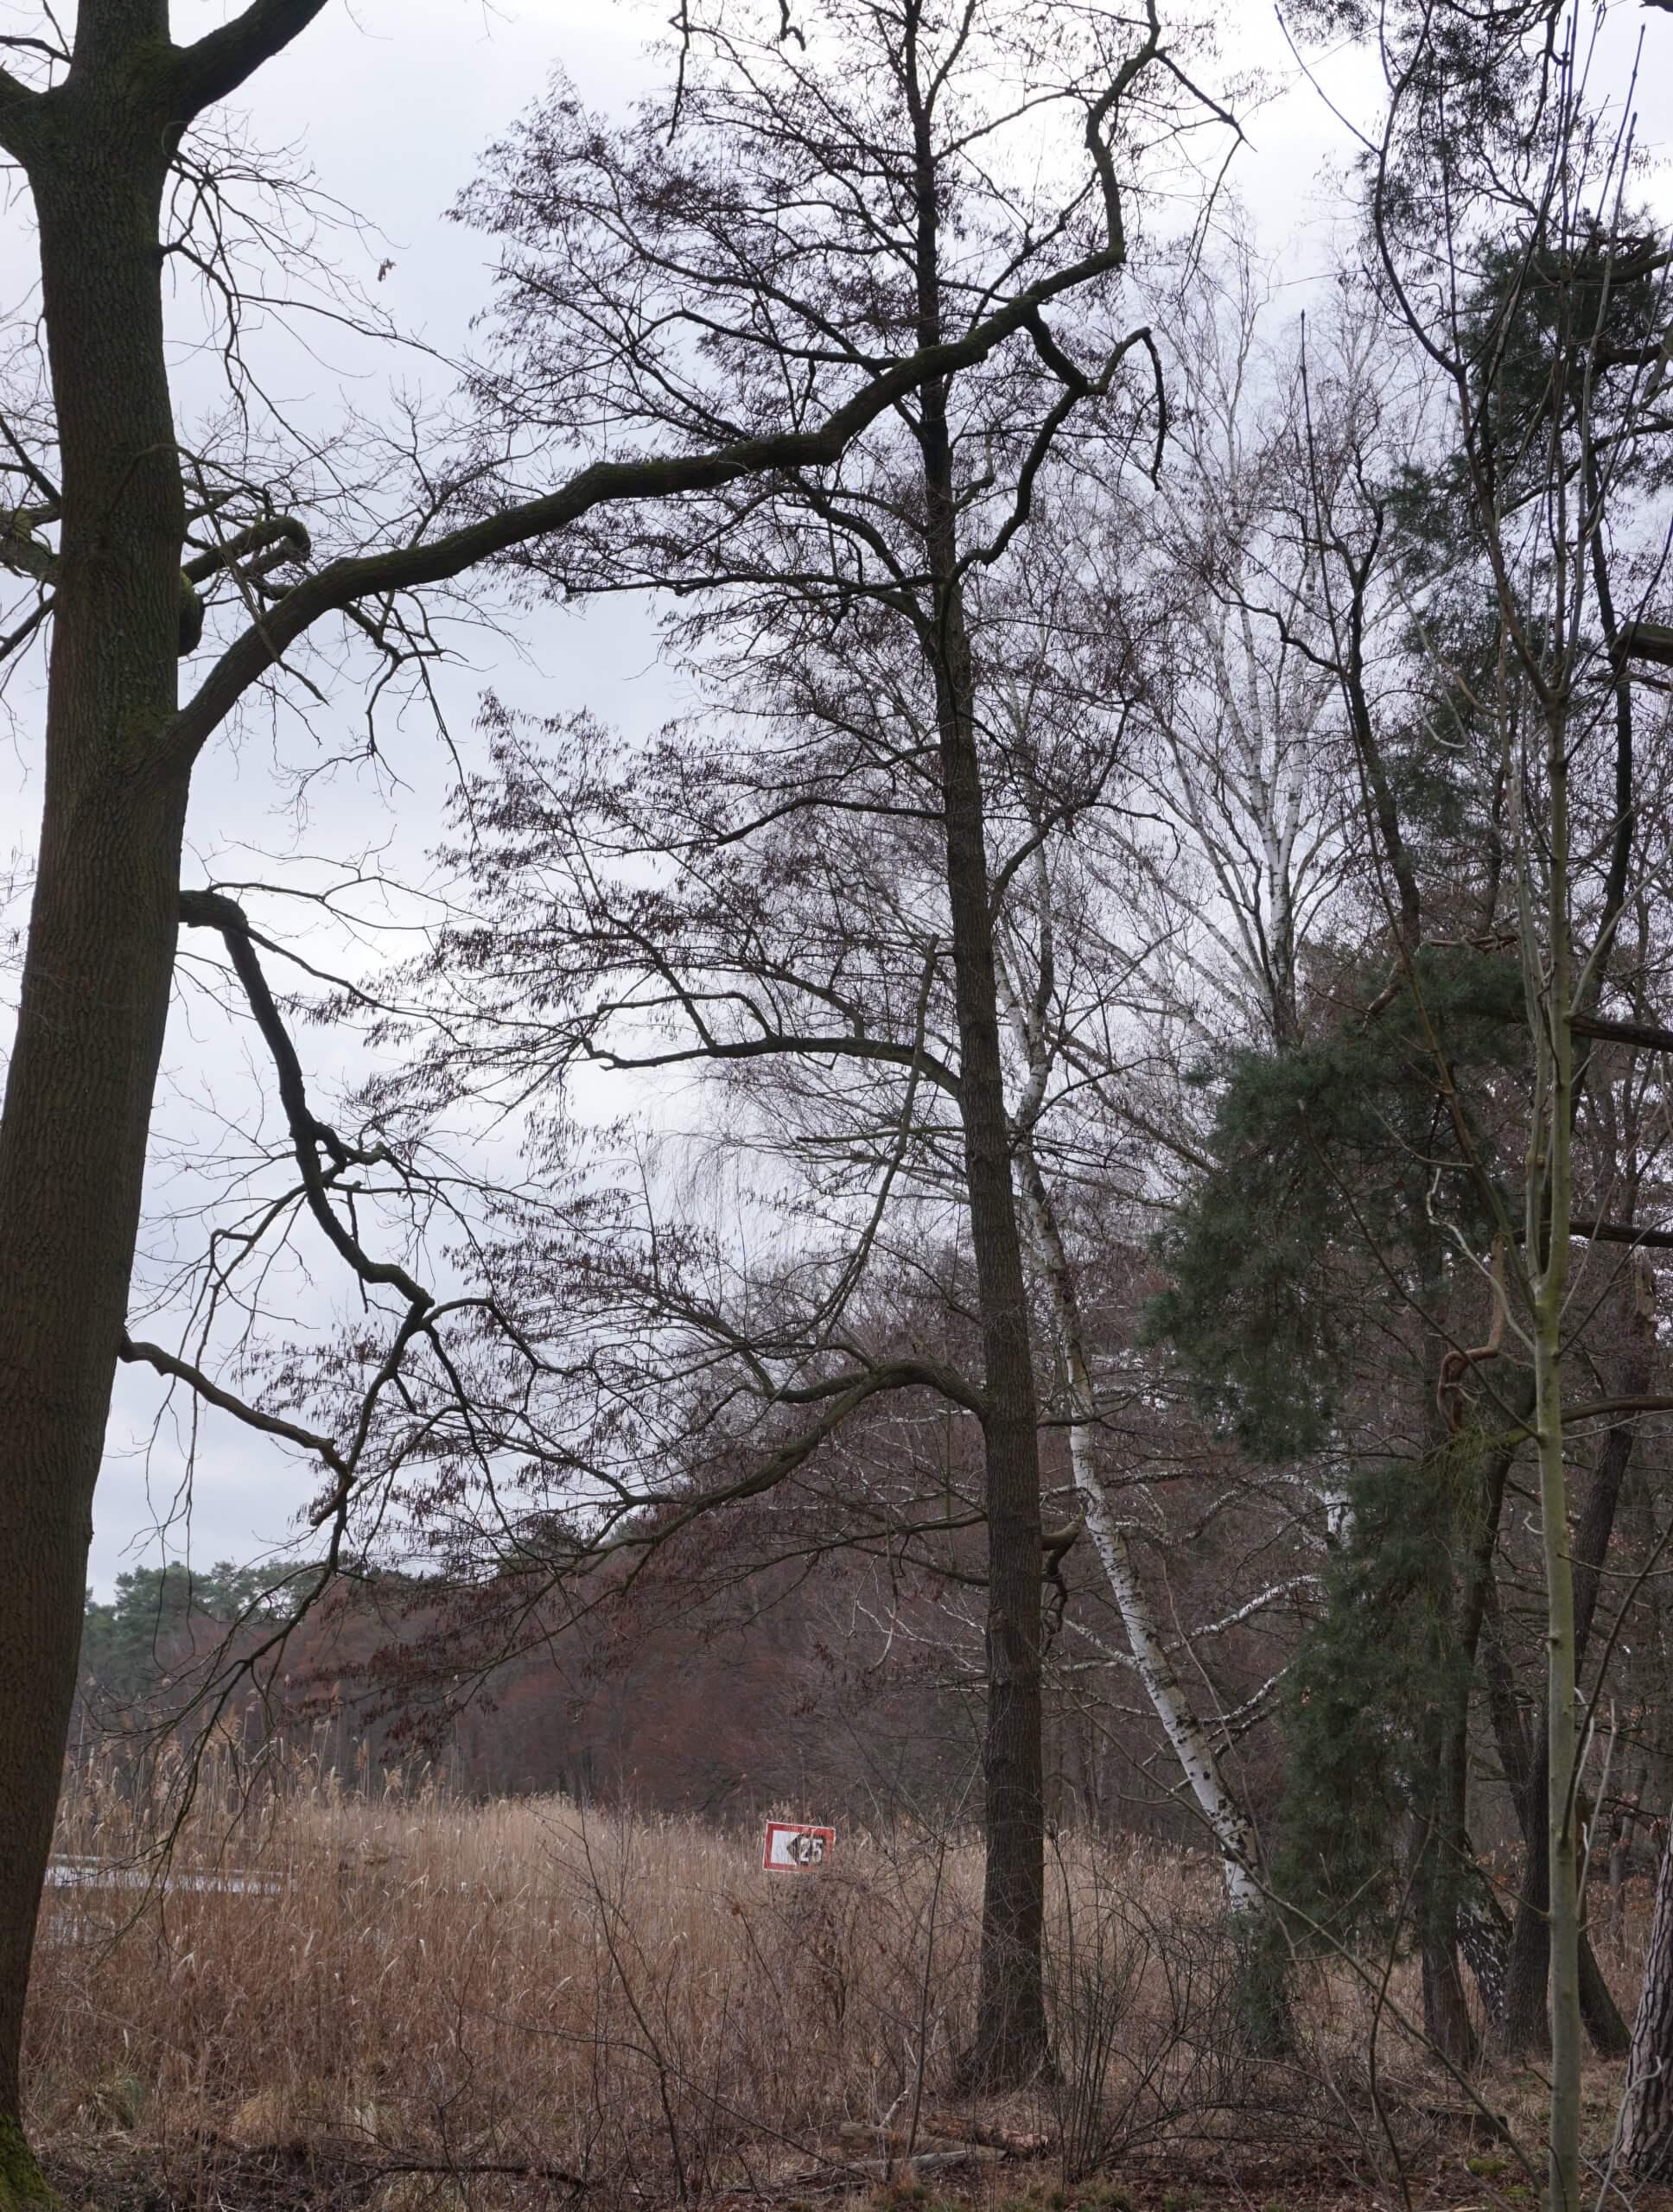 Das Bild zeigt eine Schwarz-Erle am Seddinsee im östlichen Berlin. Sie entwickeln, auch nur teilweise von anderen Bäumen umgeben, hochaufragende Baumgestalten mit waagerecht abgehenden Ästen.